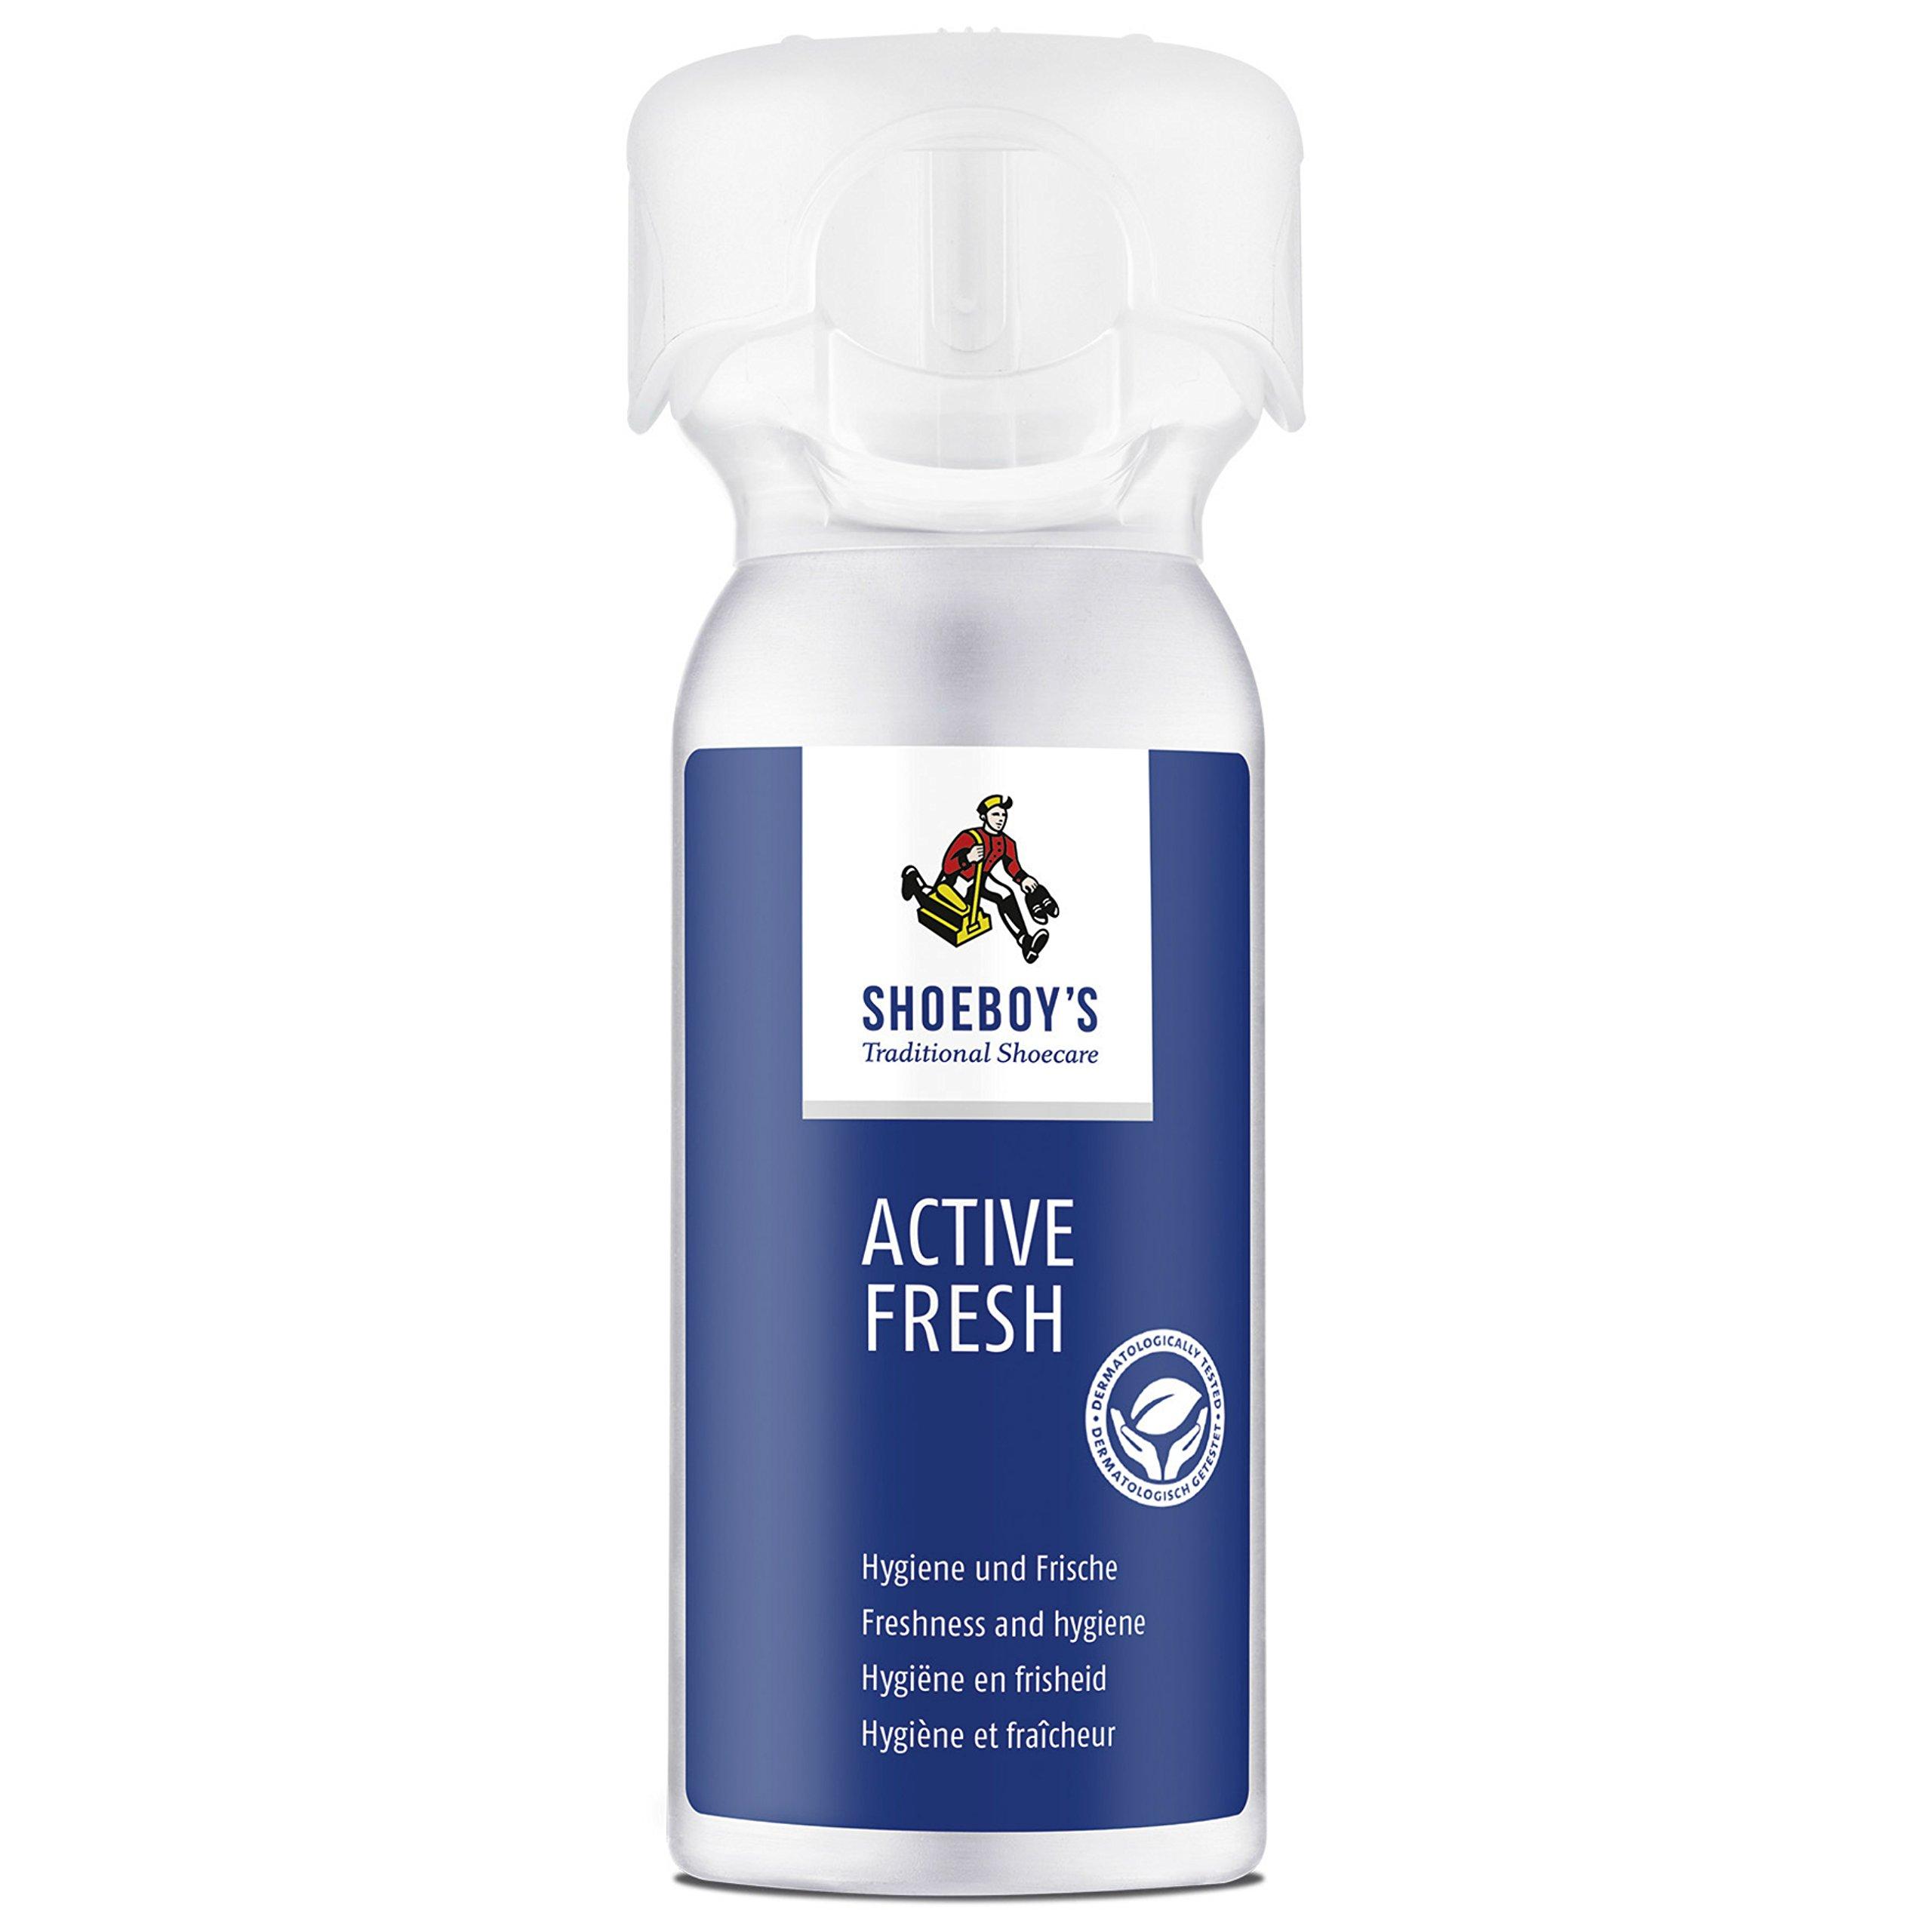 Shoeboy Active Fresh / Spray desodorante para calzado / 3.4o